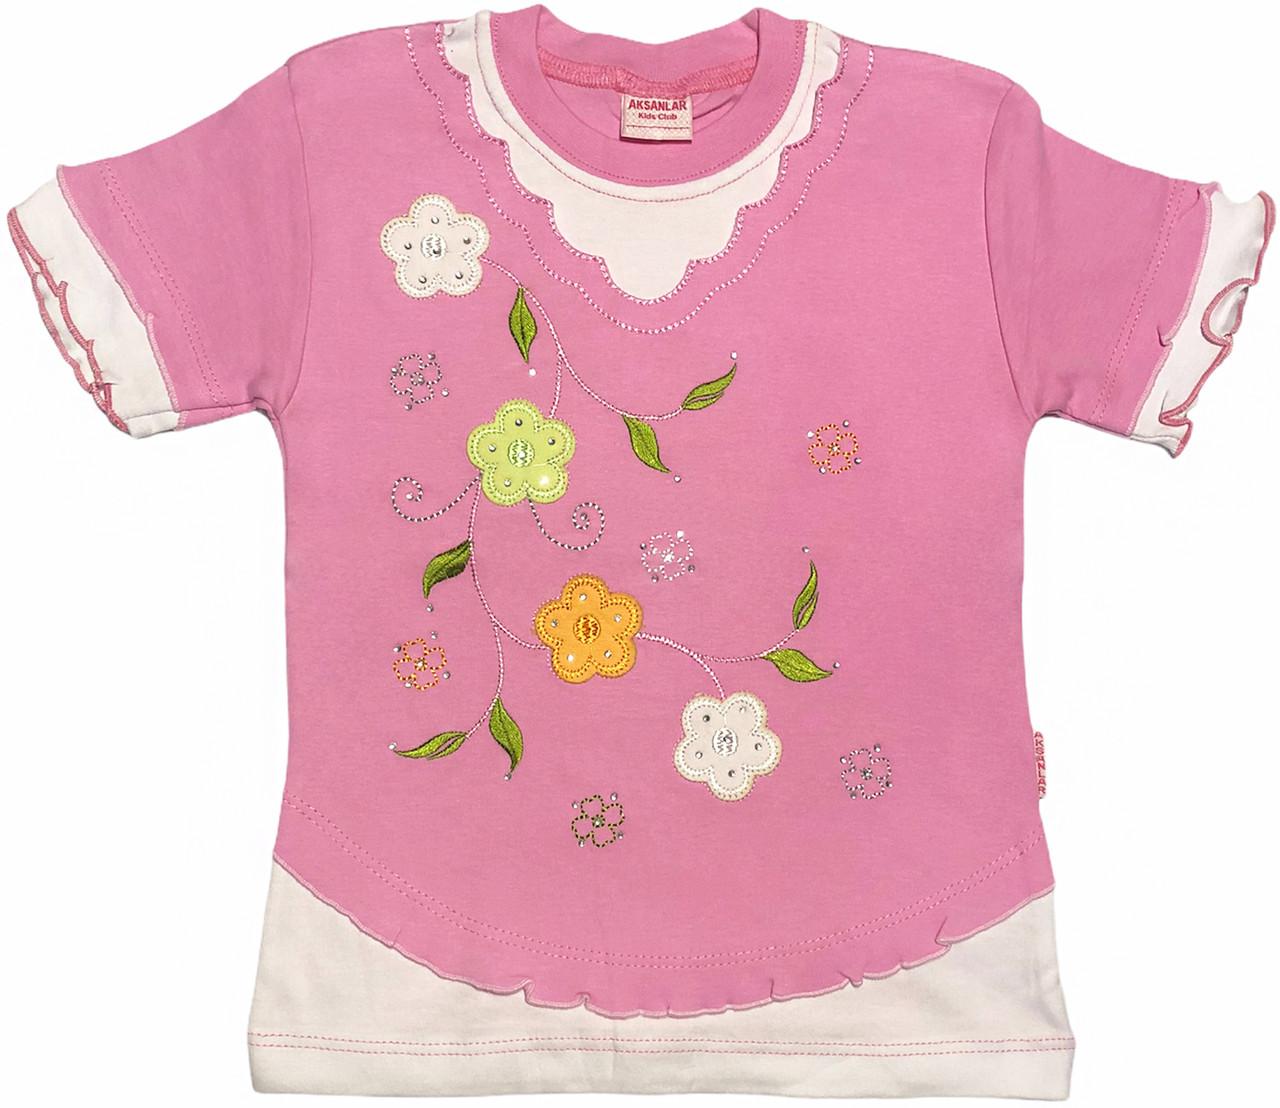 Дитяча футболка на дівчинку ріст 128 7-8 років для дітей красива стильна ошатна річна трикотажна рожева